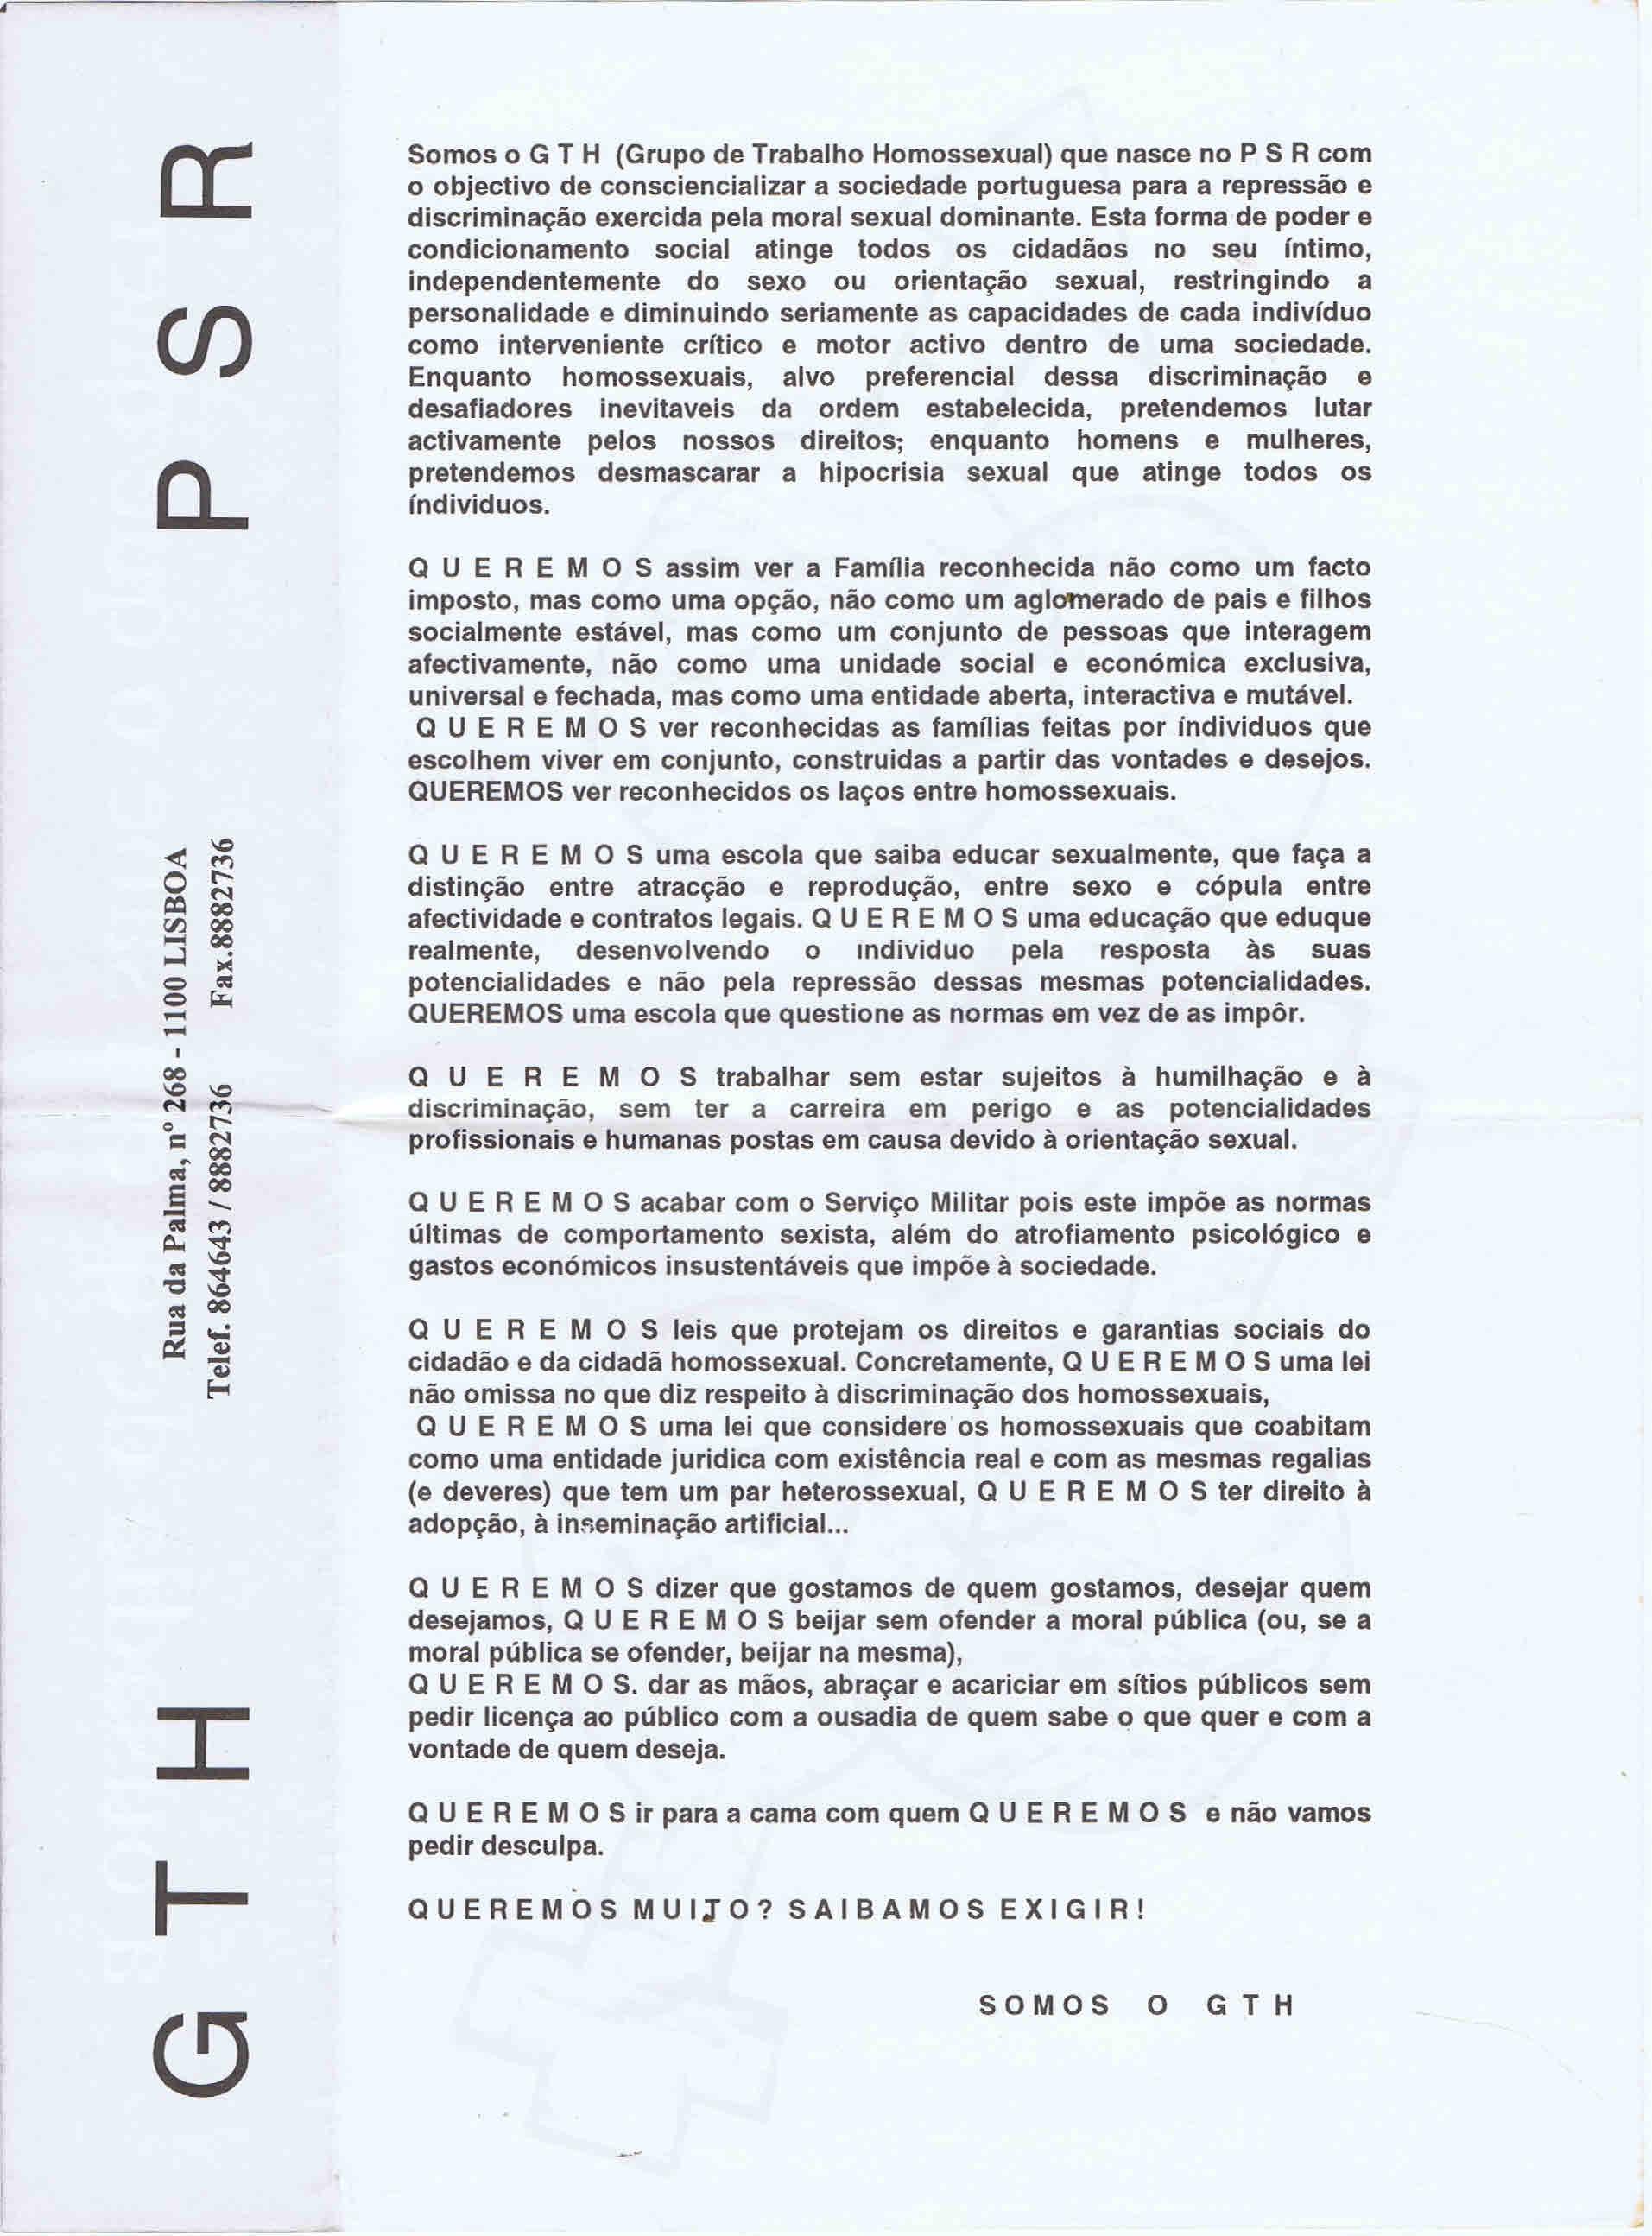 Scanner_20150202 (17)